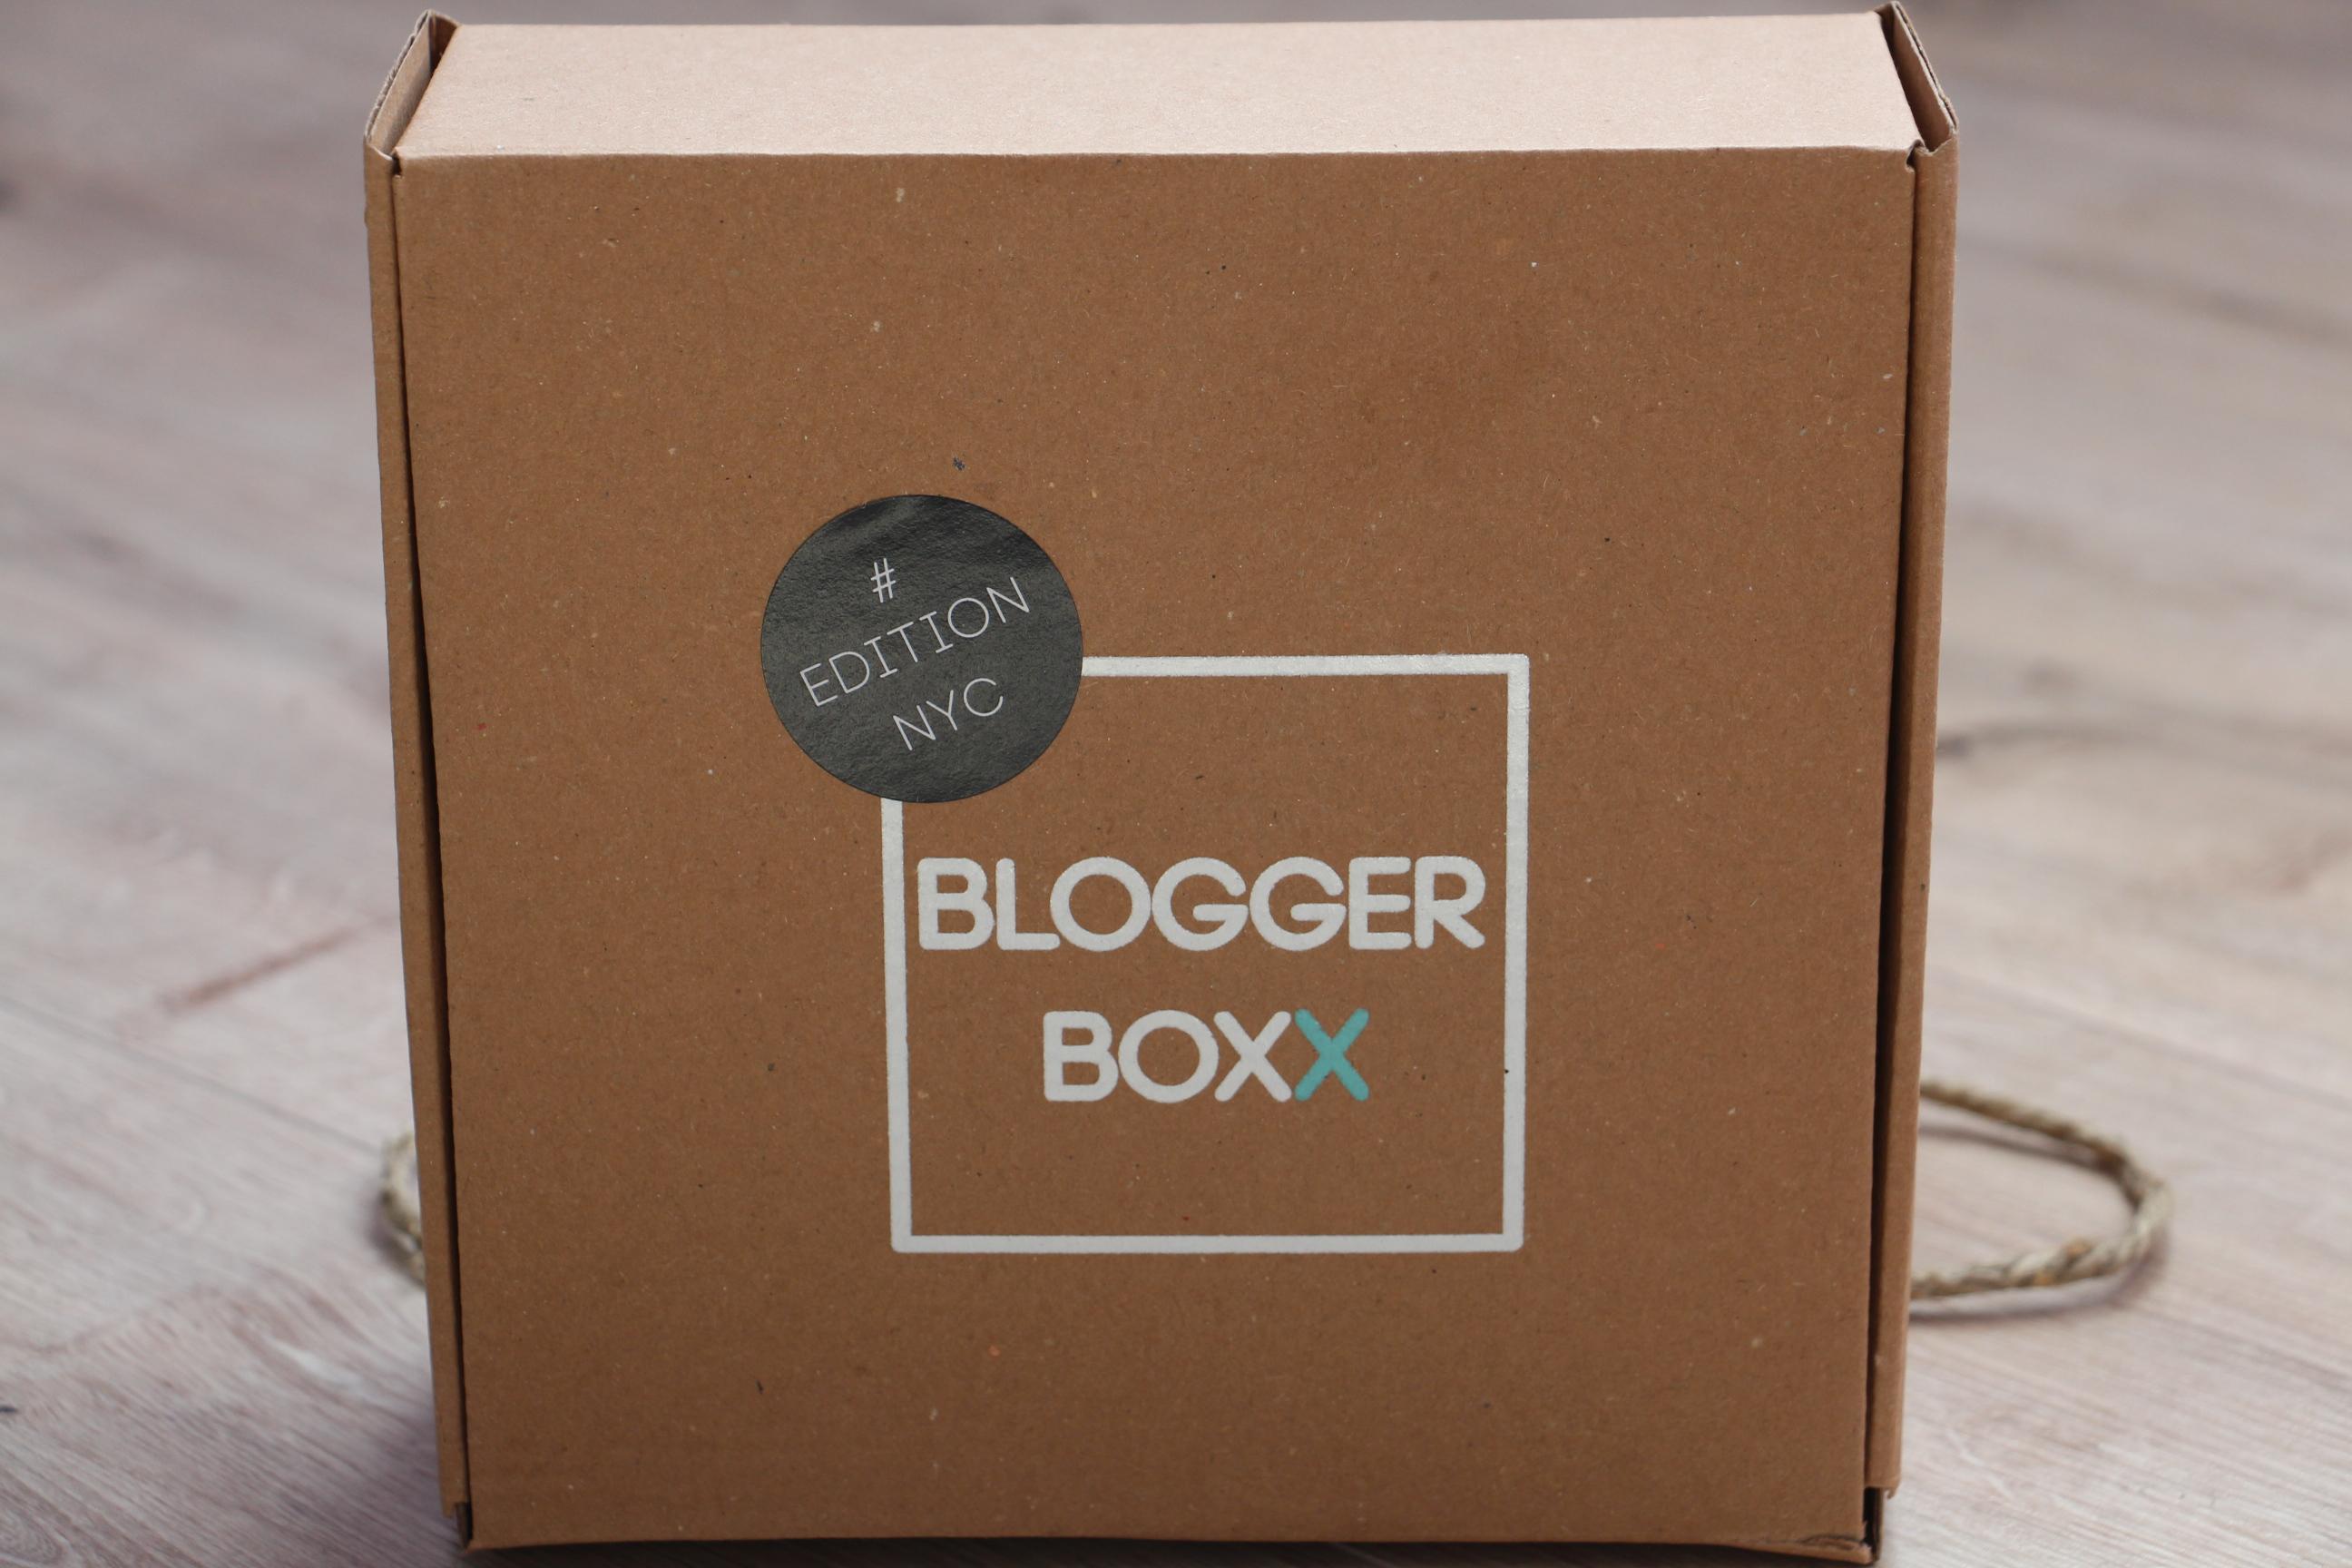 Vorstellung: Die Bloggerboxx New York Edition (September 2015)